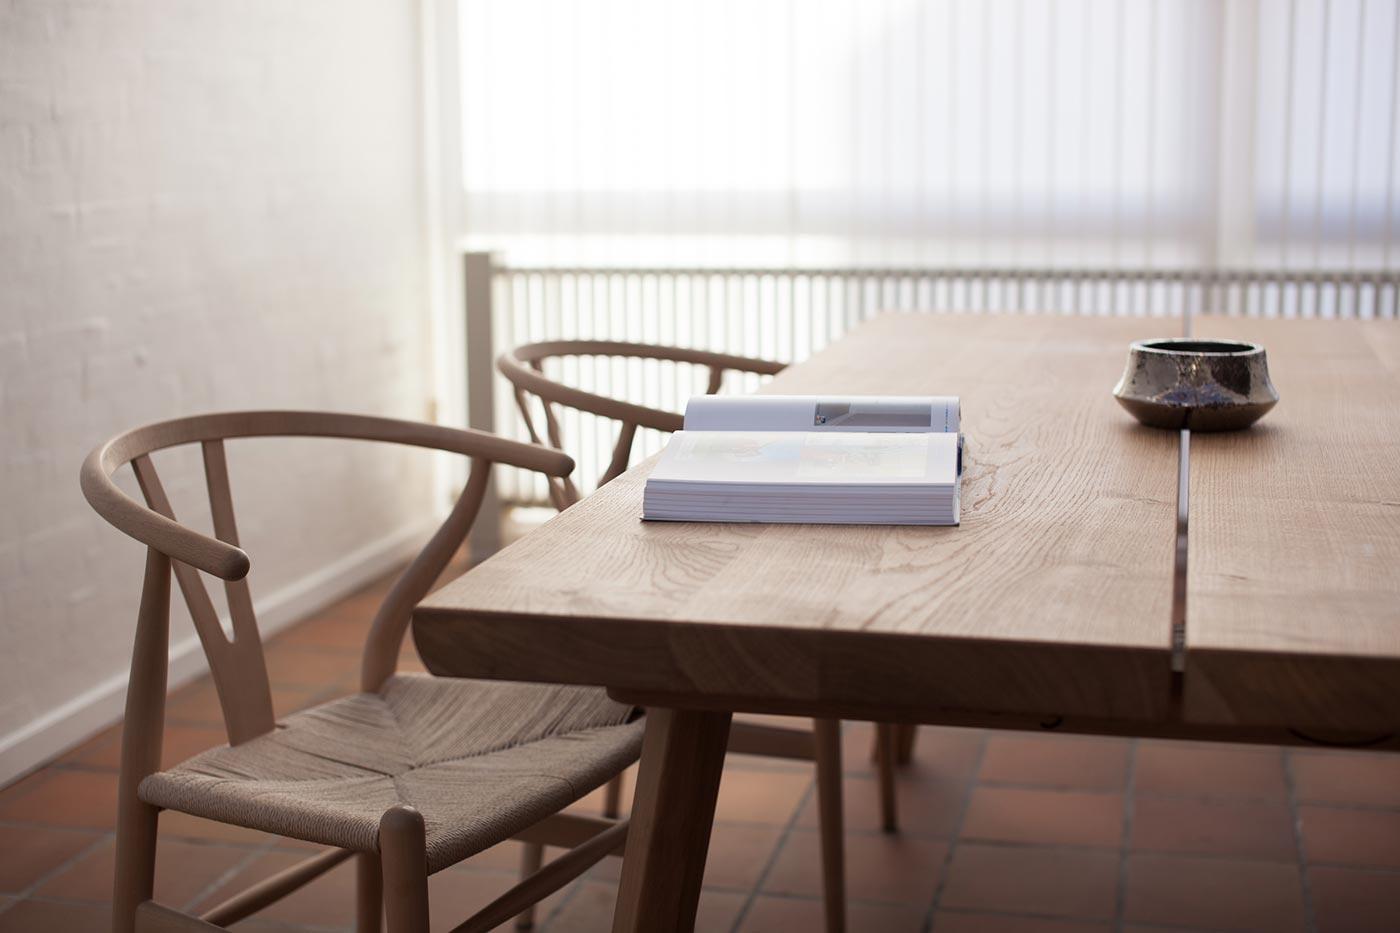 Miljøbillede af plankebord fra Ksign